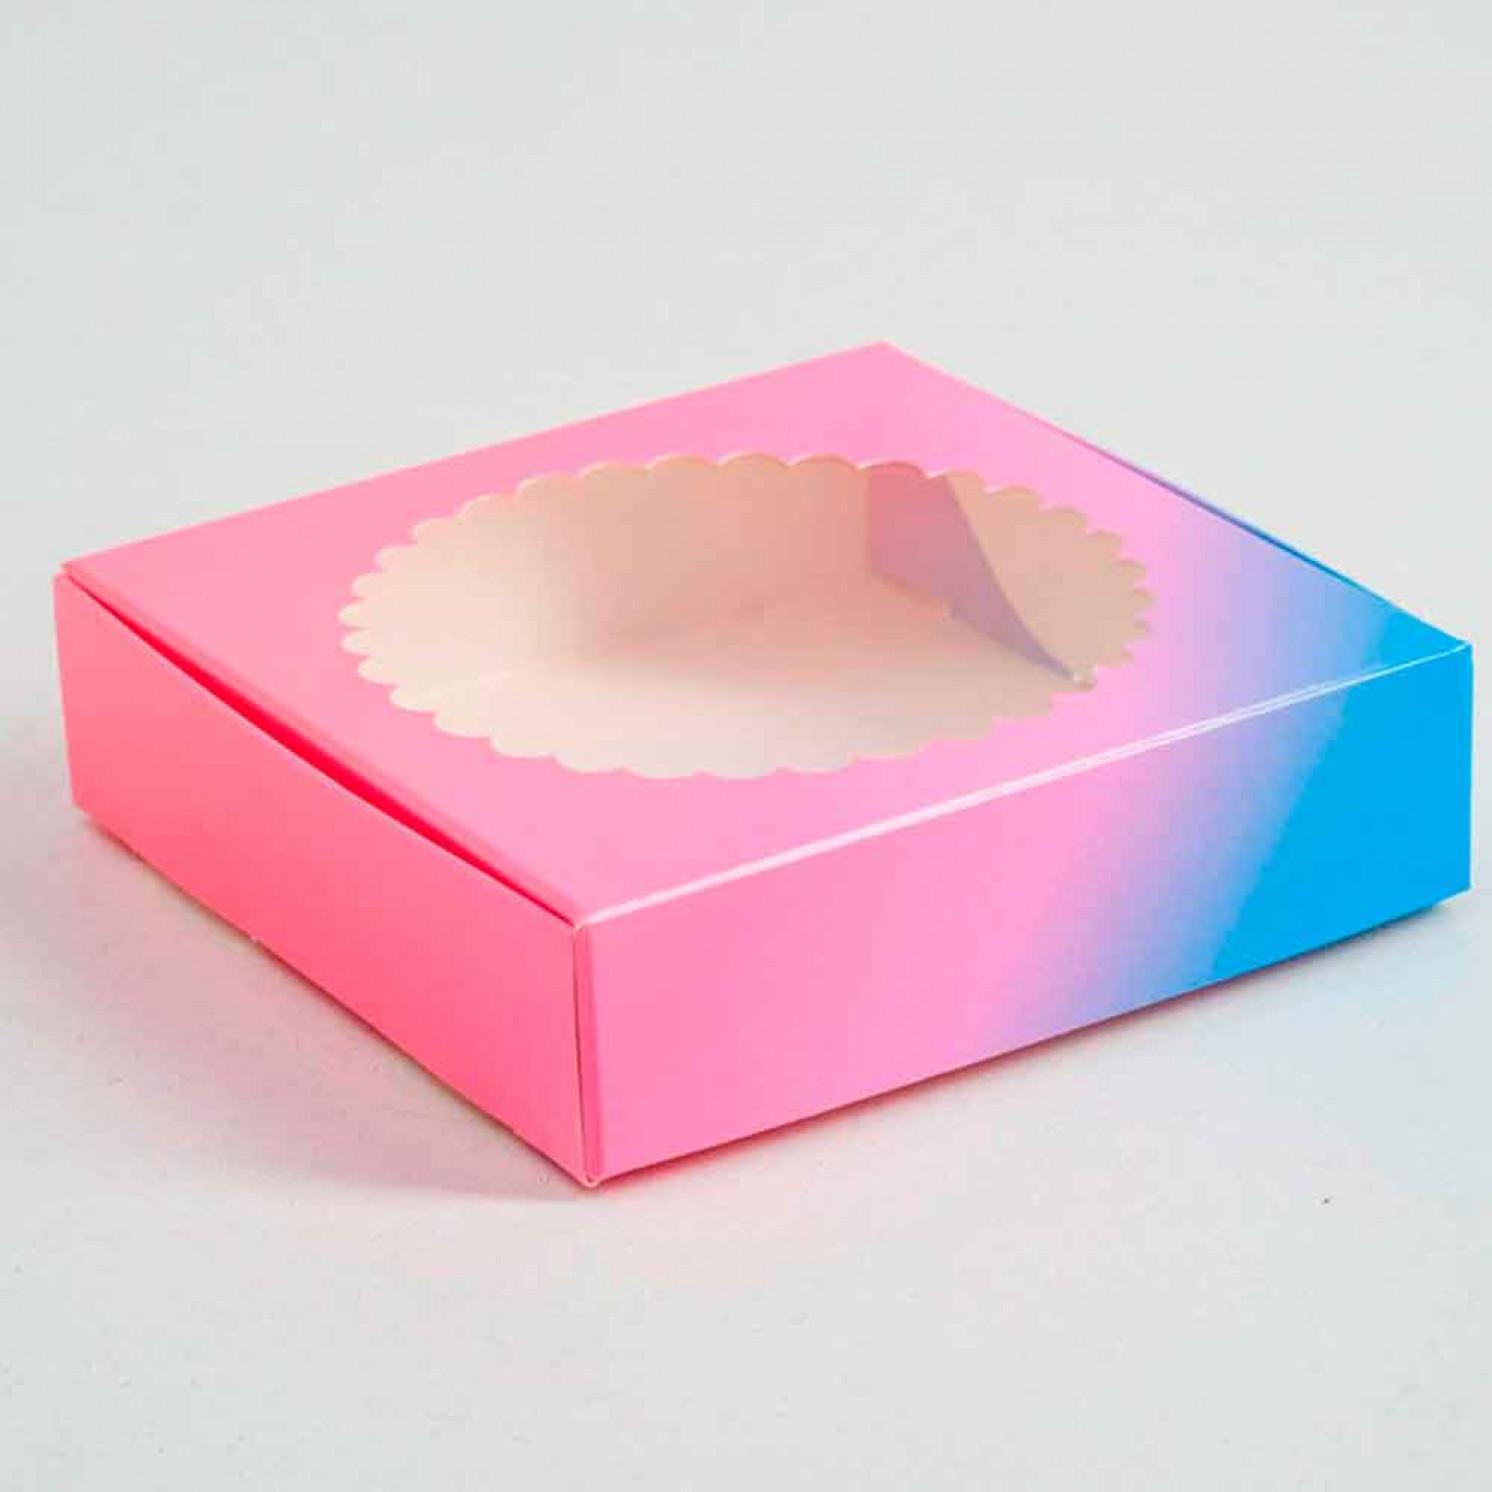 Подарочная коробка сборная с окном, розово-голубая, 11,5 х 11,5 х 3 см